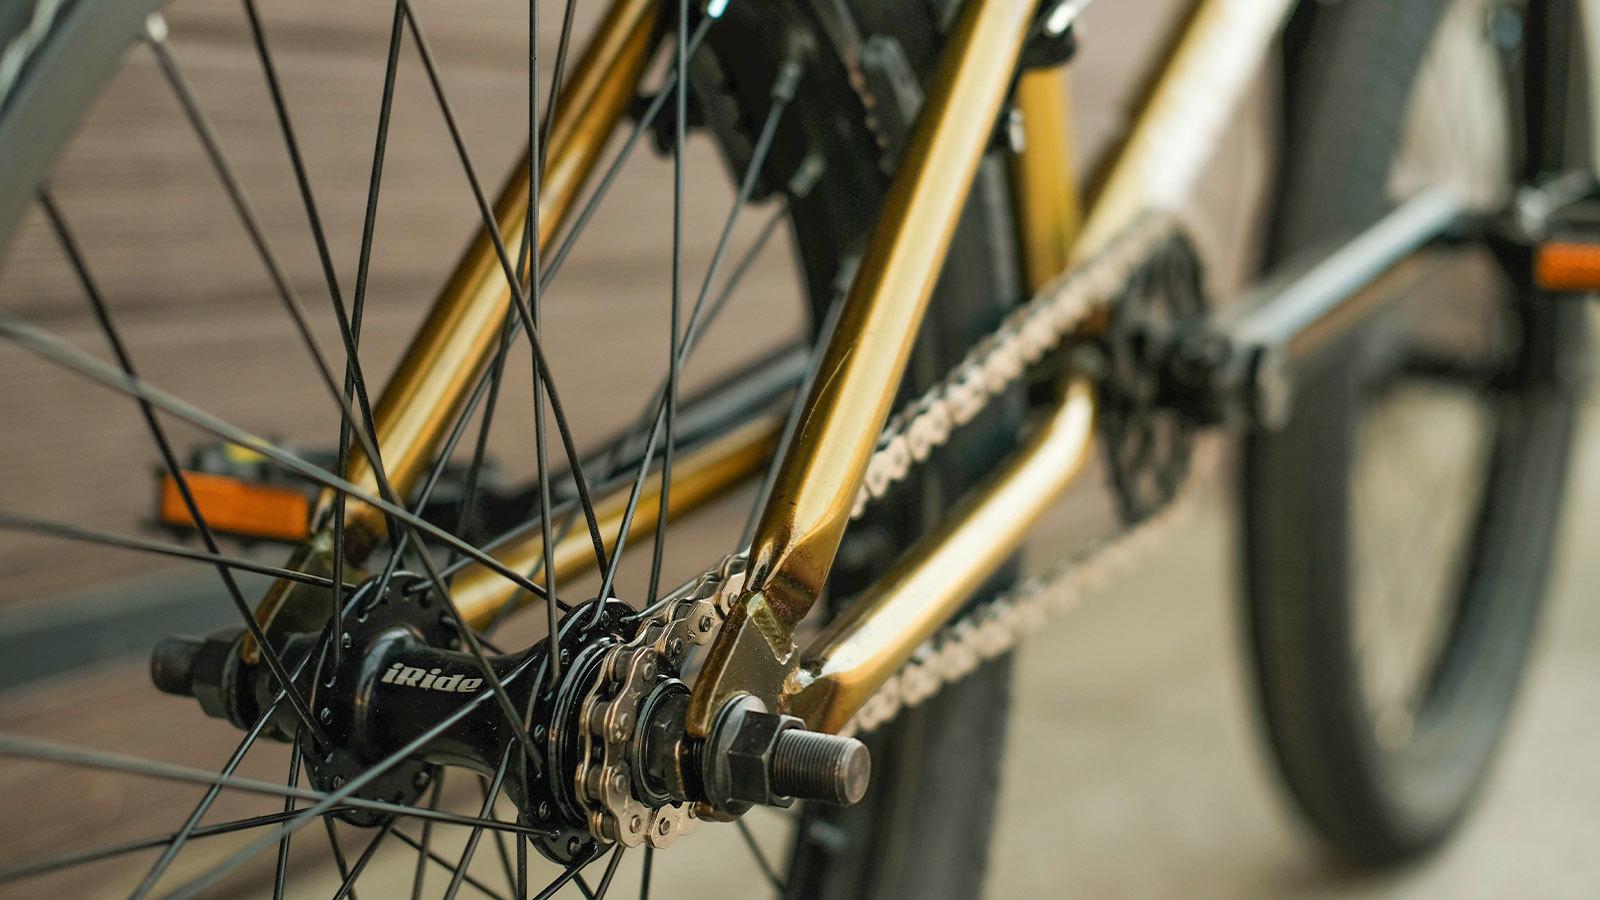 bmx велосипед фото рамы